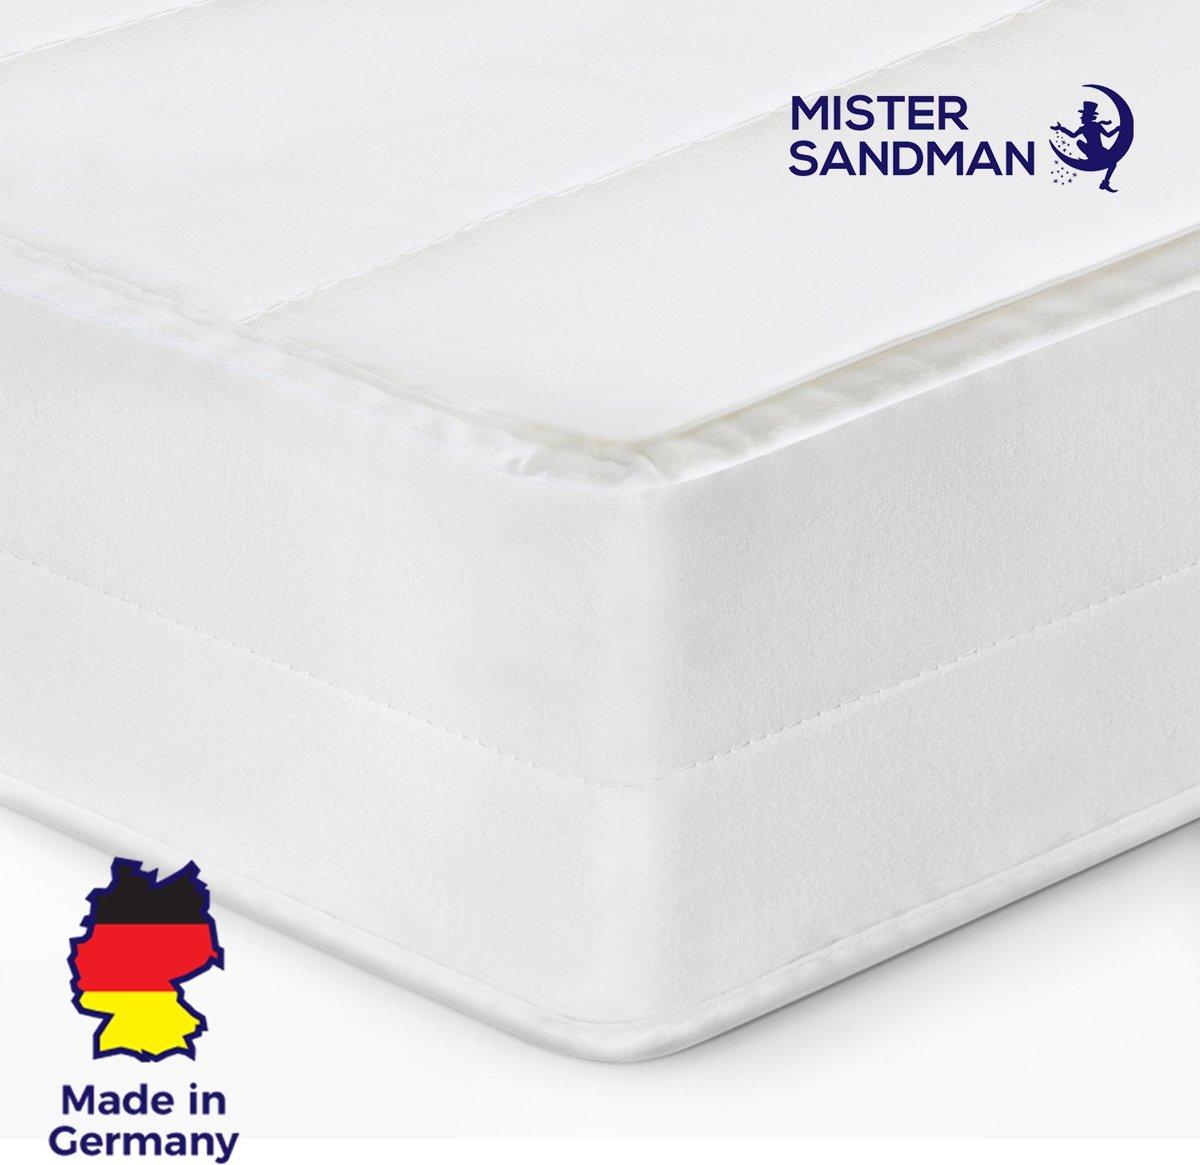 Matras - 120x200 - 7 zones - koudschuim - microvezel tijk - 15 cm hoog - medium & hard